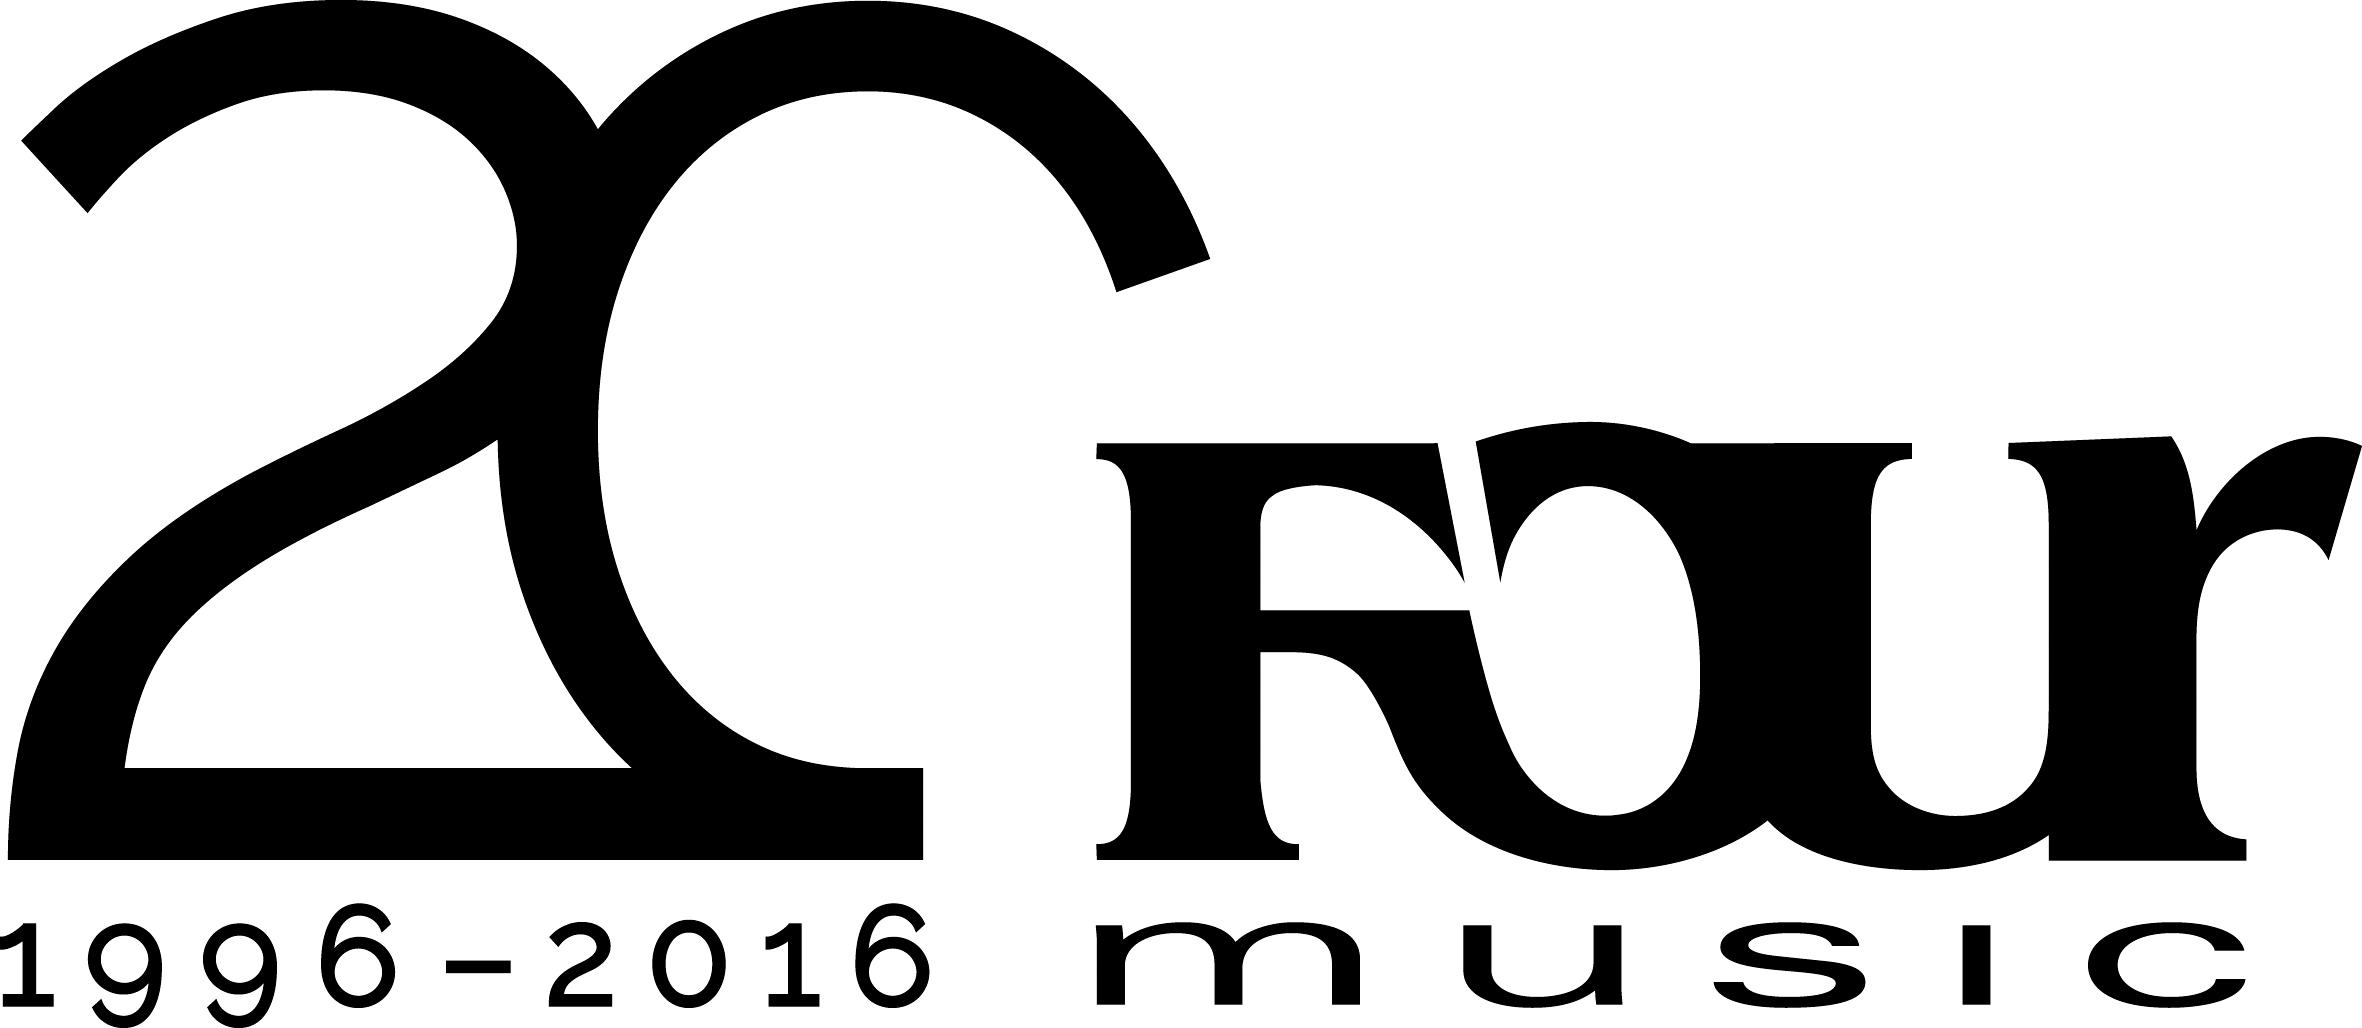 (c) Fourmusic.com